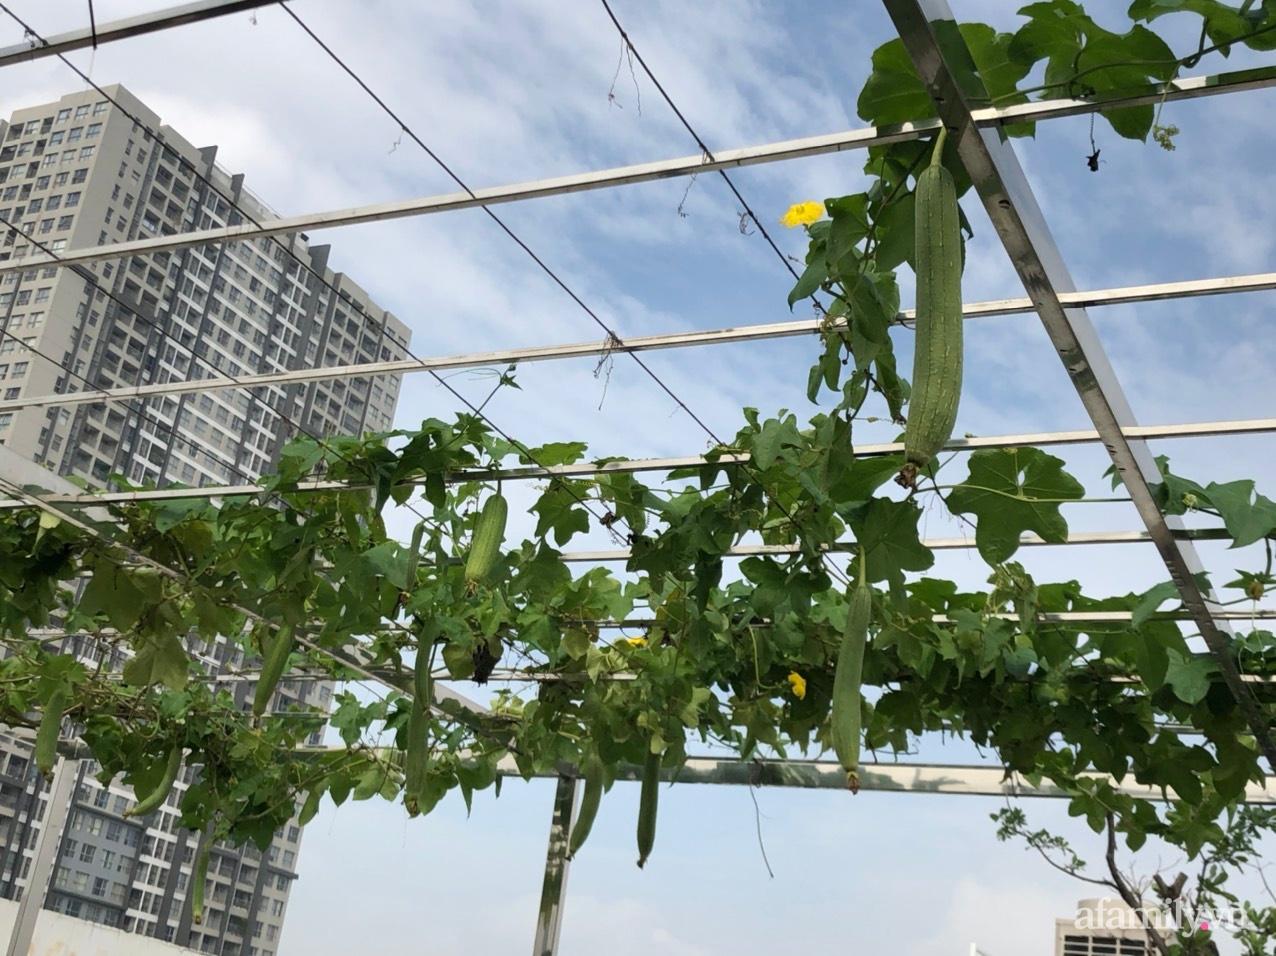 Vườn rau quả sạch 100m2 trên mái nhà của người phụ nữ xinh đẹp ở Hà Nội - Ảnh 9.